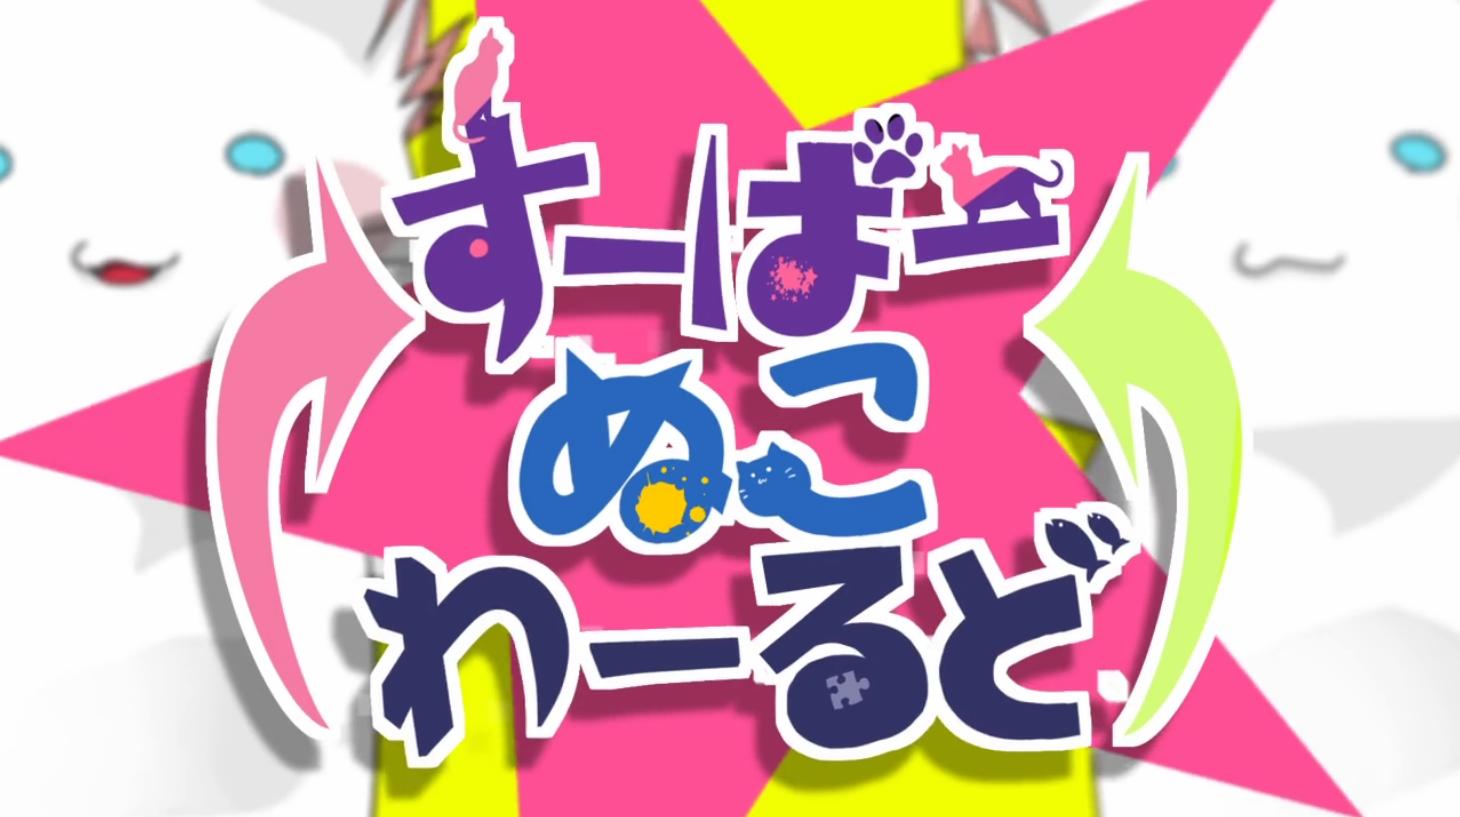 すーぱーぬこわーるど (Super Nuko World)